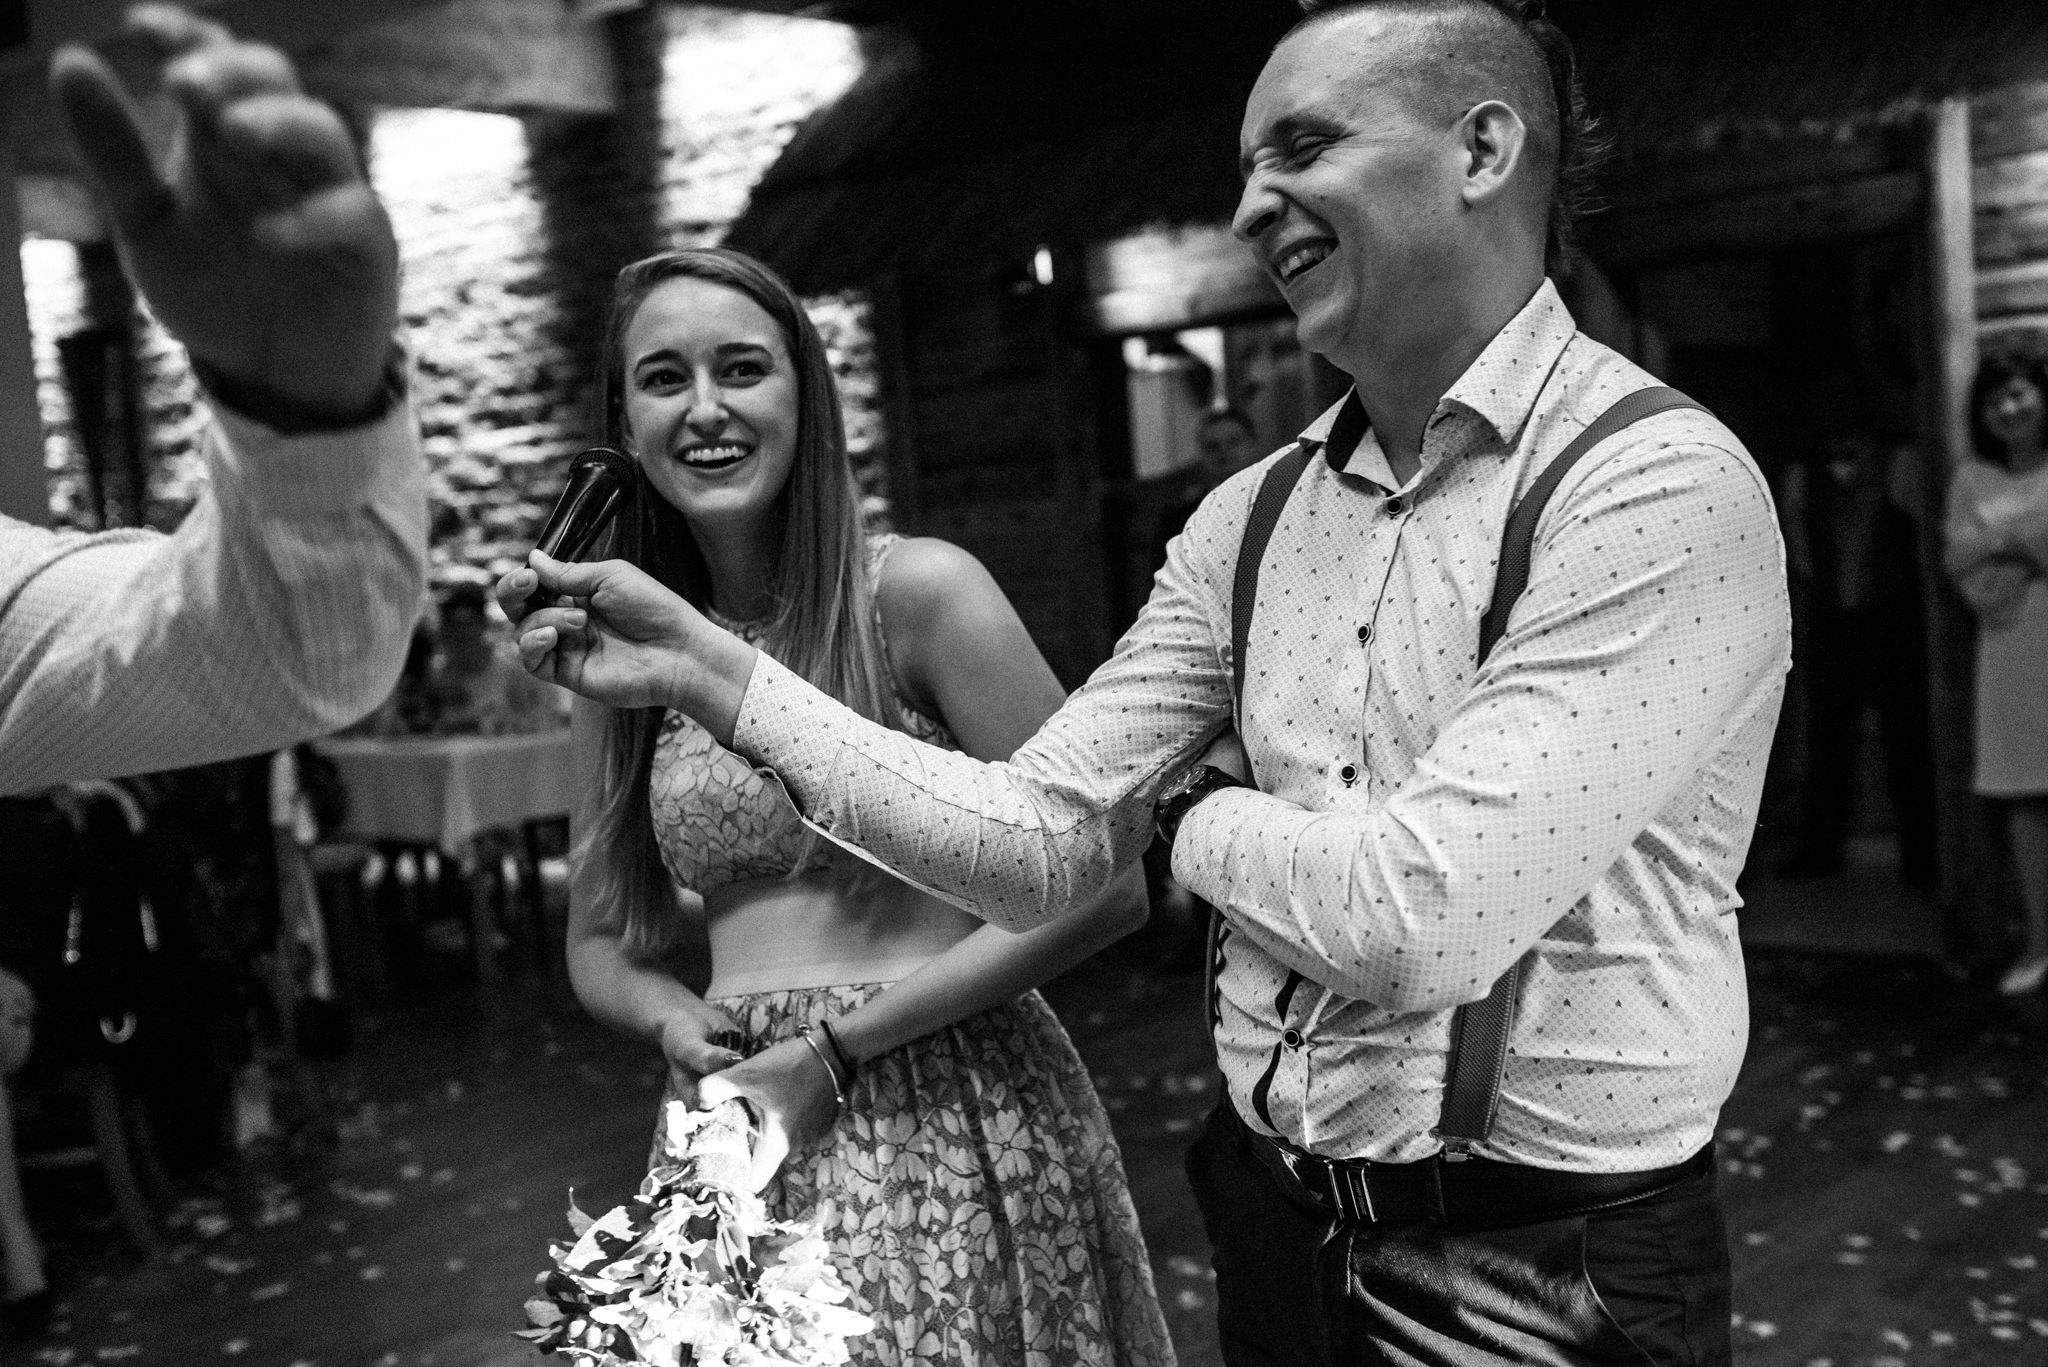 Przyjęcie Karoliny i Alana | Jaś Wędrowniczek w Rymanowie | Praca w duecie 142